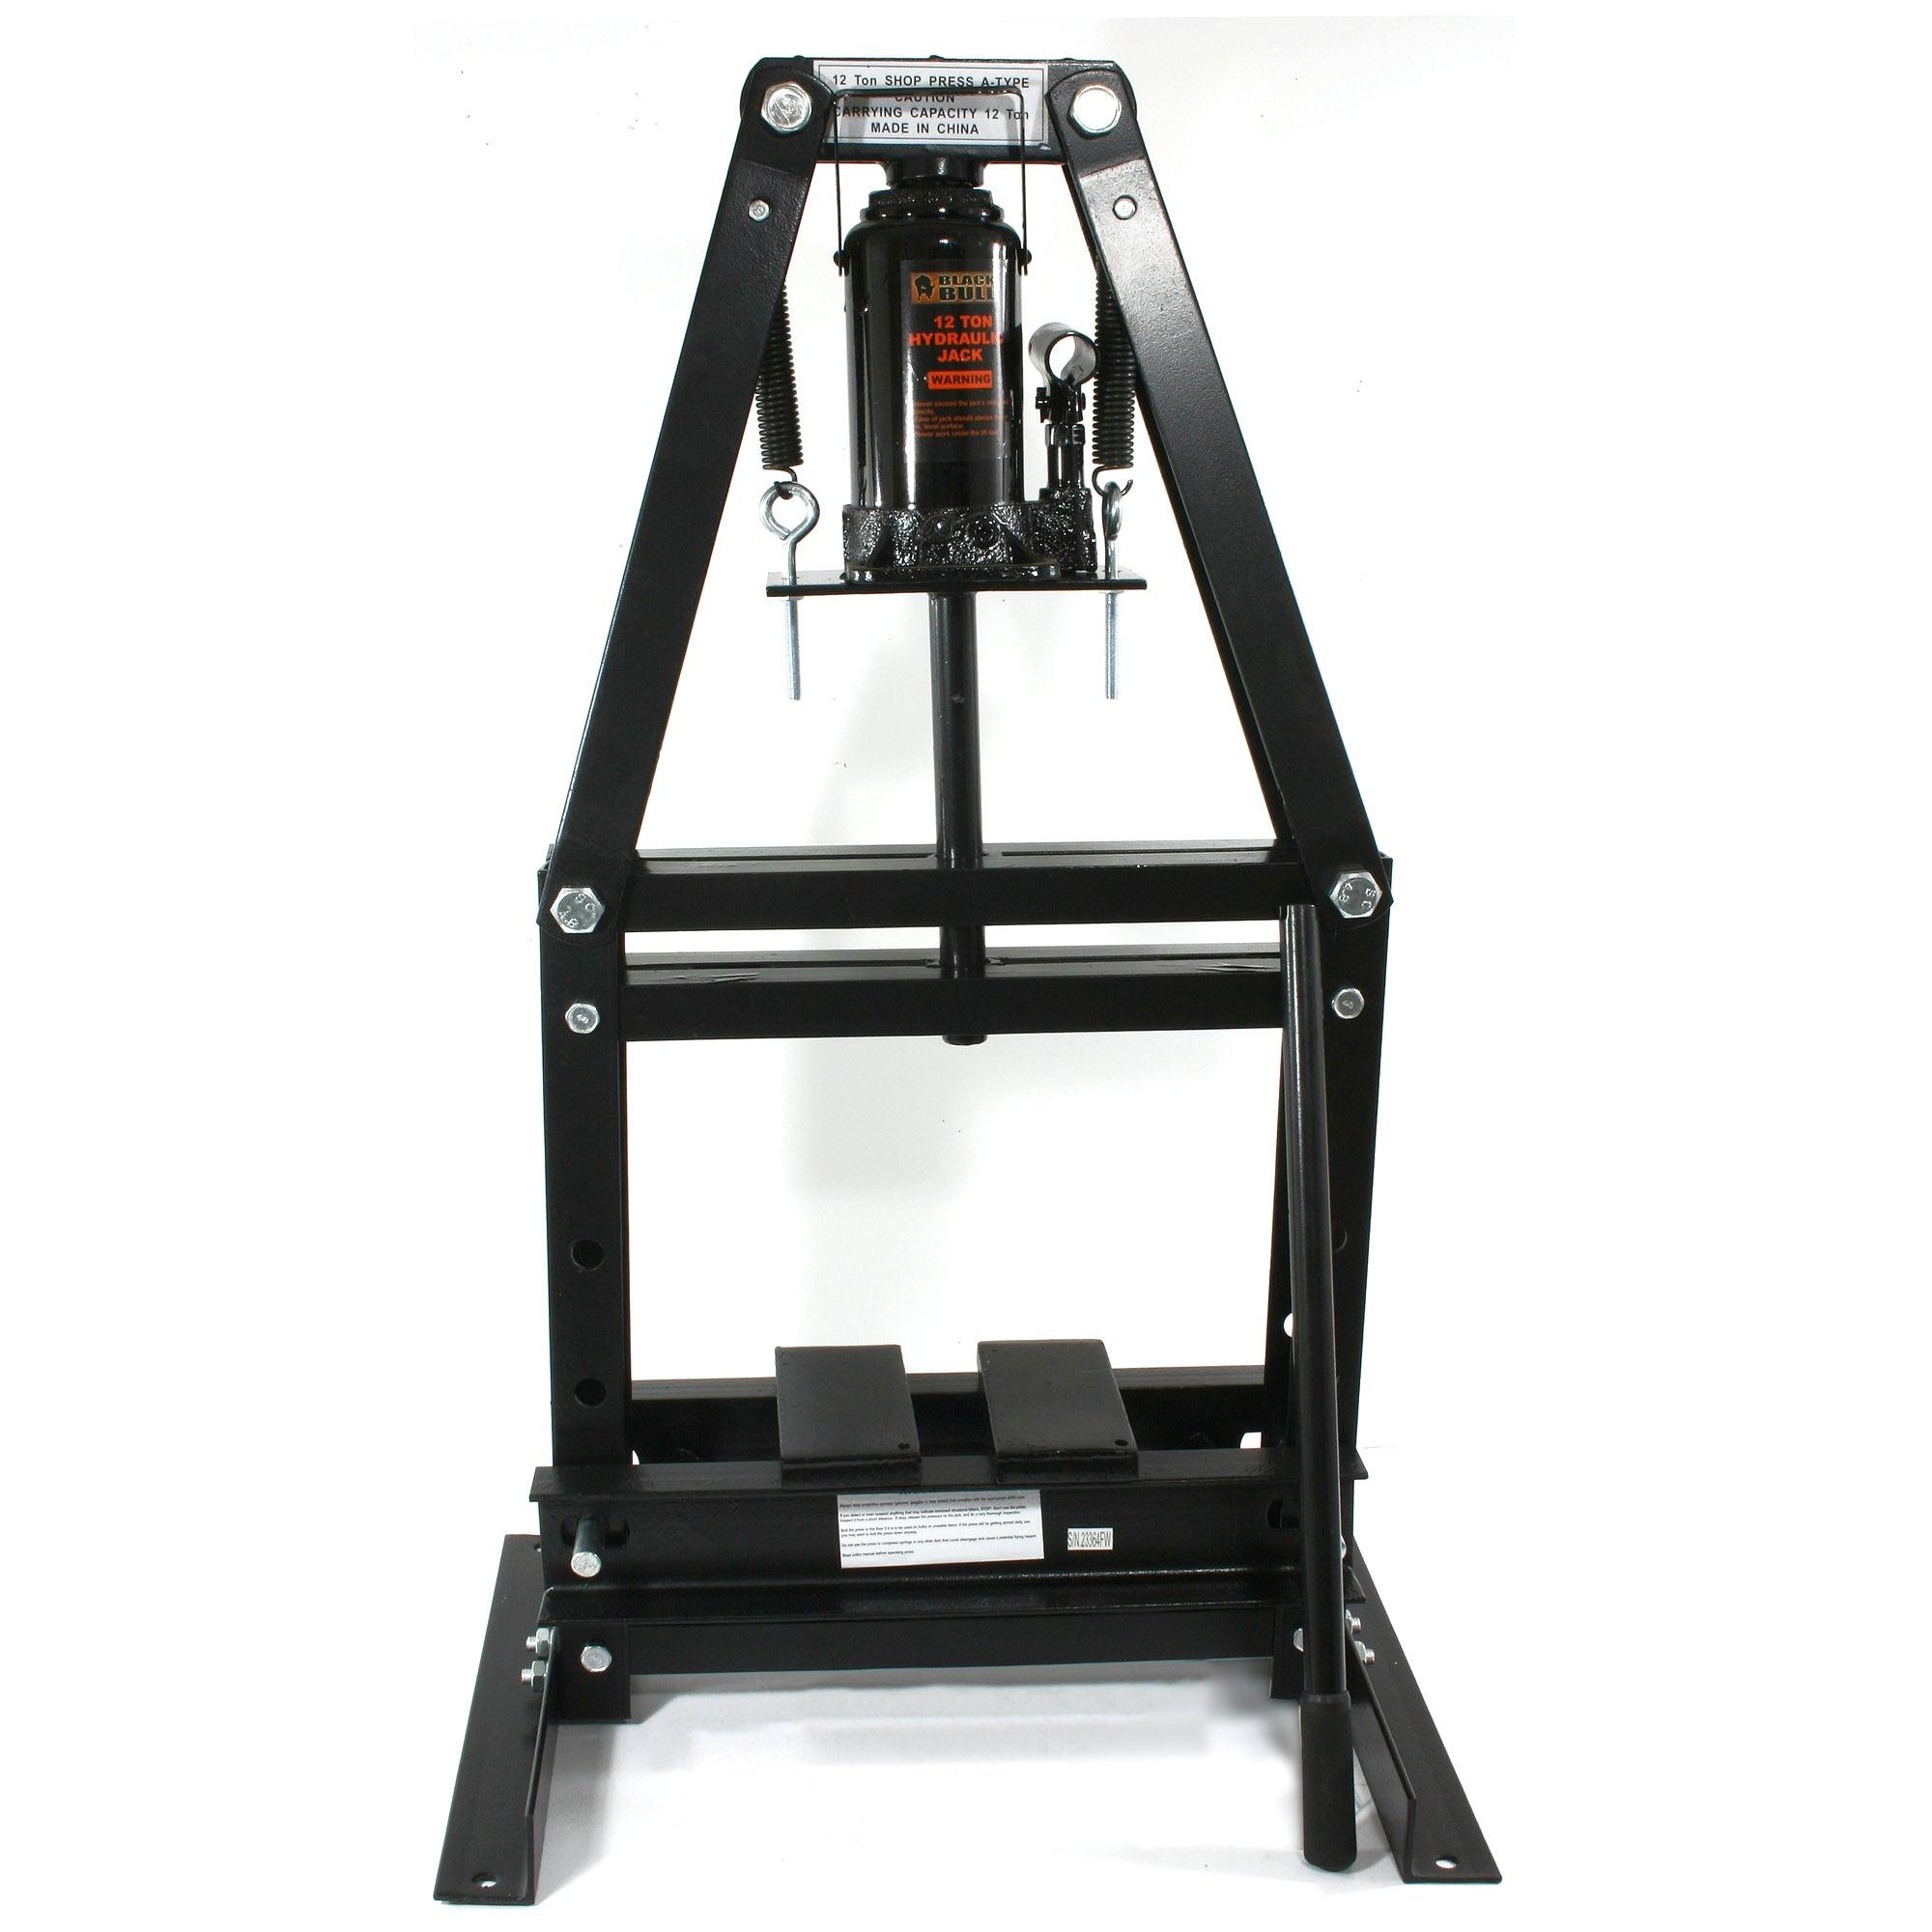 A-frame 12 Ton Shop Press